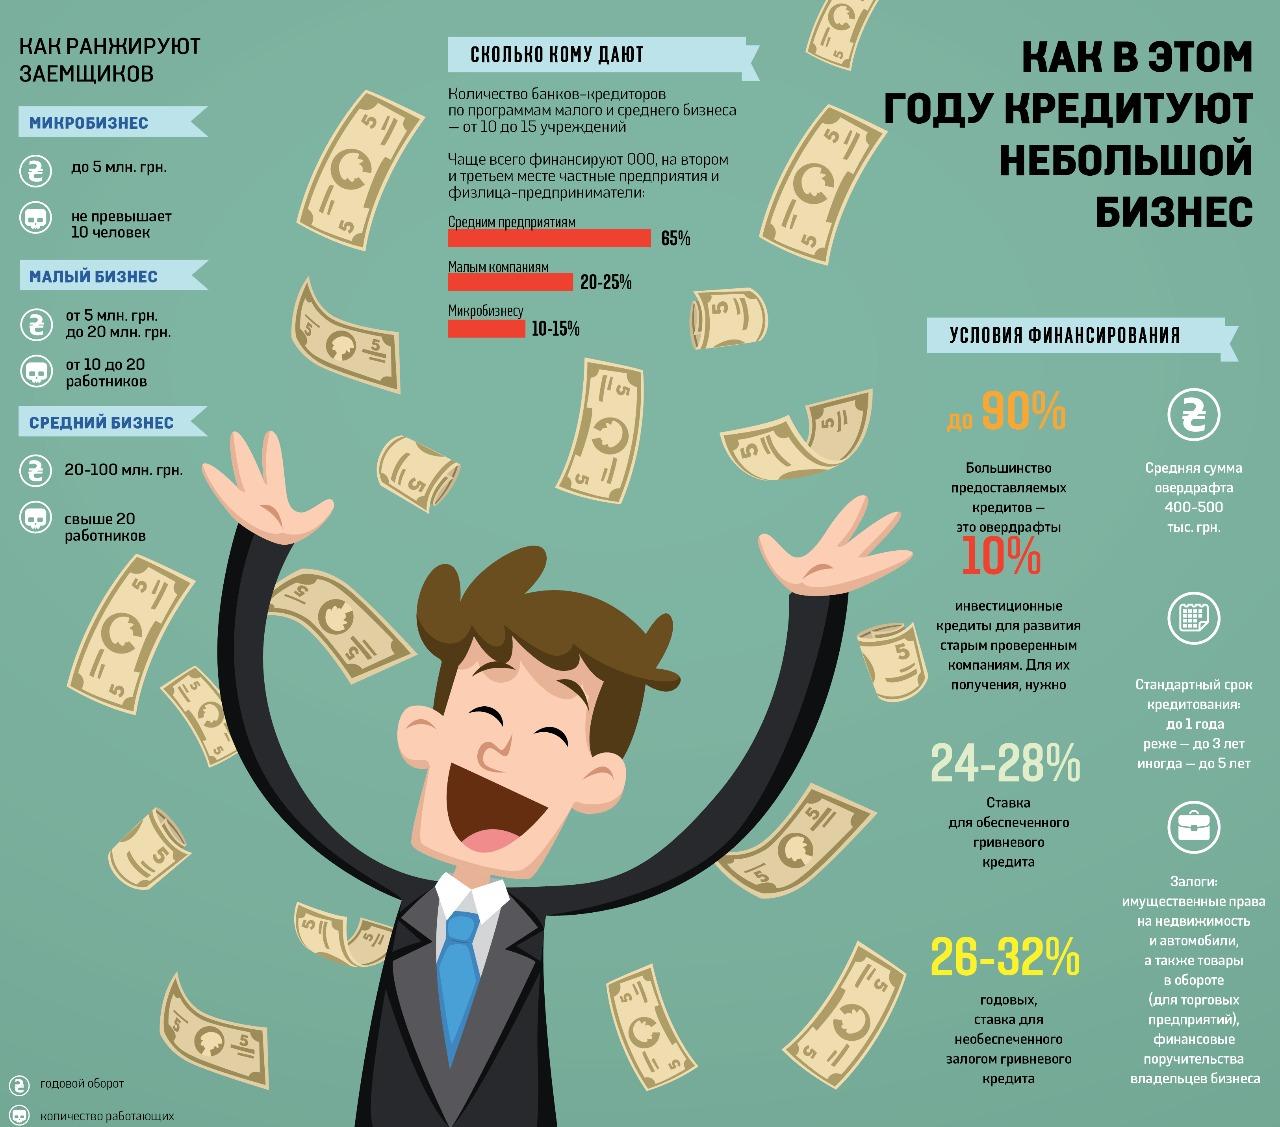 Кредиты для малого бизнеса от государства